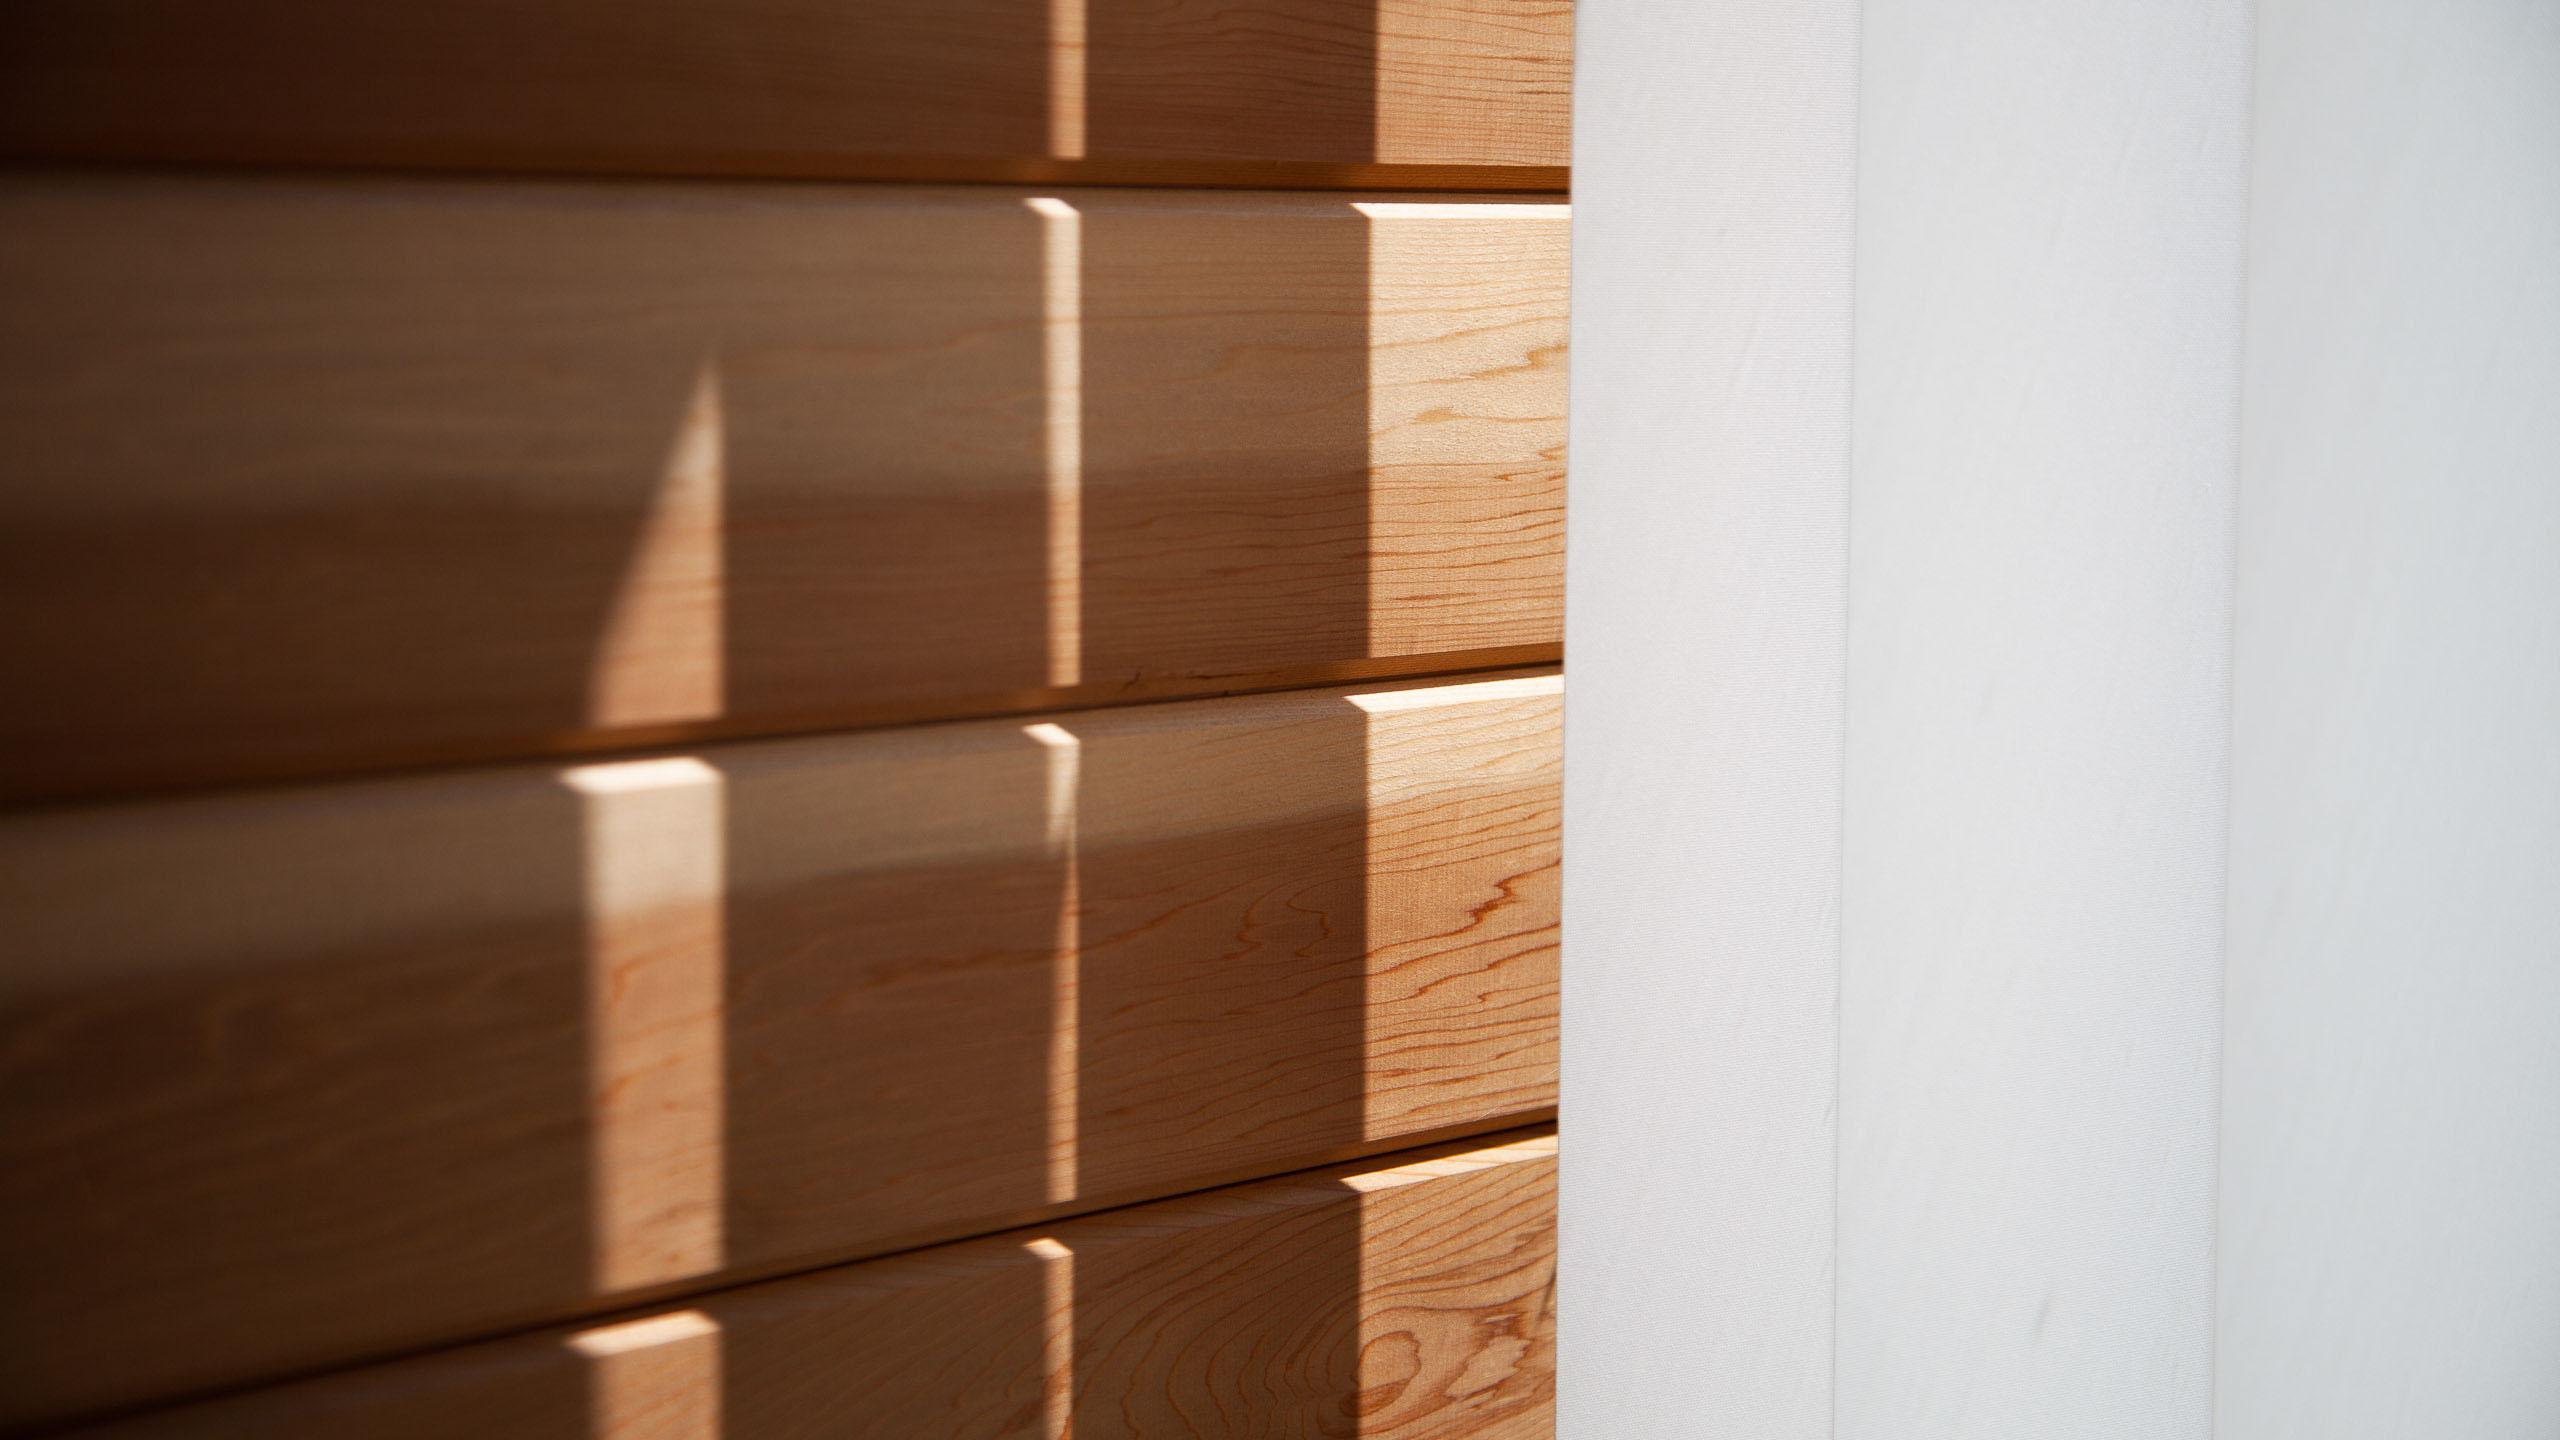 wood panelling - building work by RJ Steele builders in Sussex